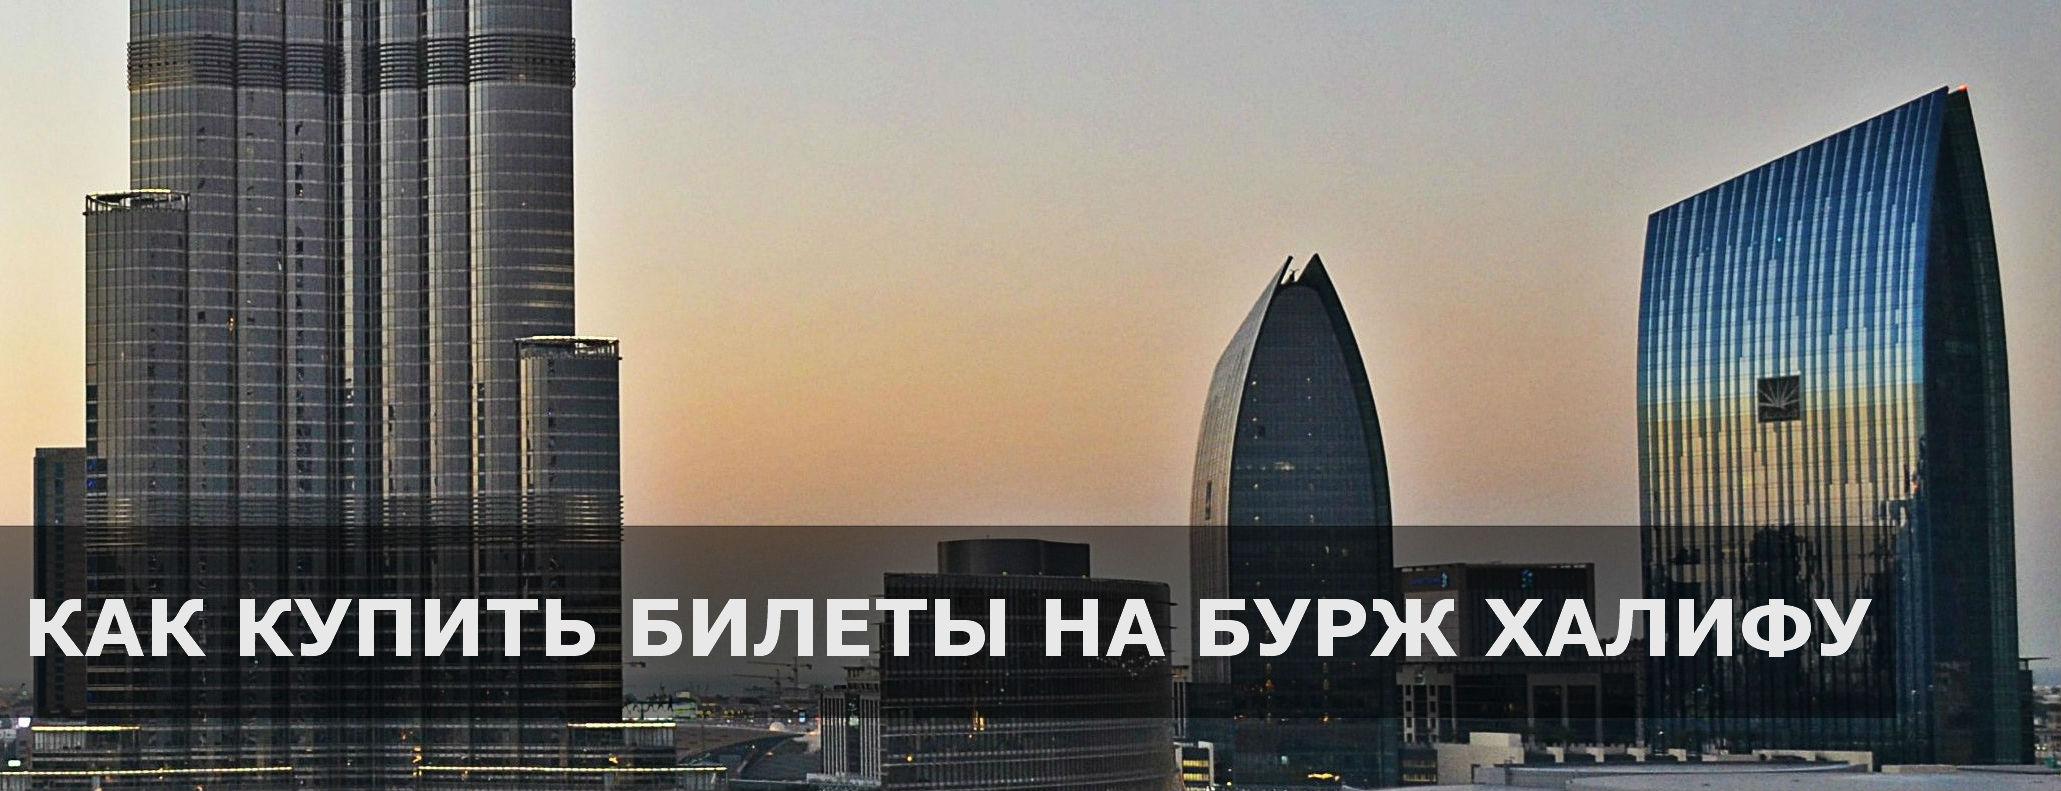 Дубаи, Dubai, Бурж Халифа, Burj Khalifa, At the Top, как купить билеты на Бурж Халифу